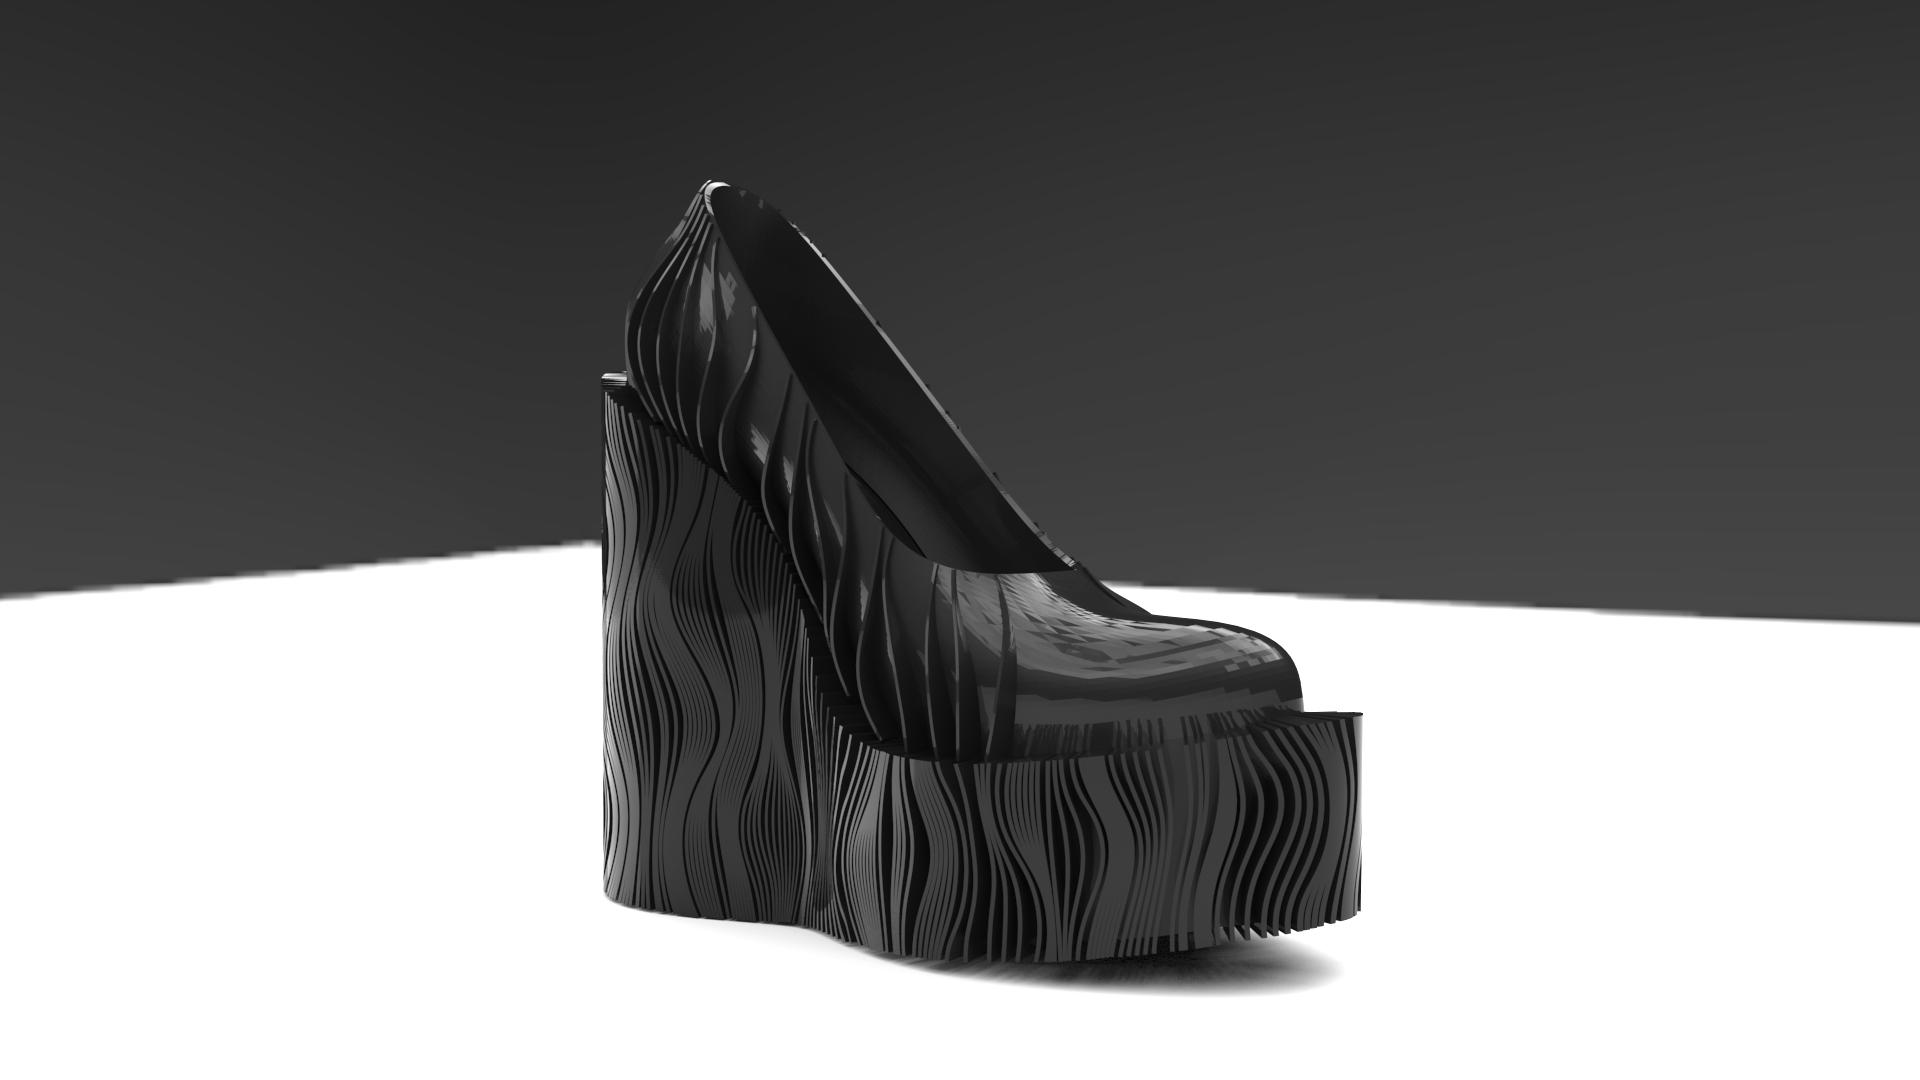 blackshoe1 (1) (1).jpg